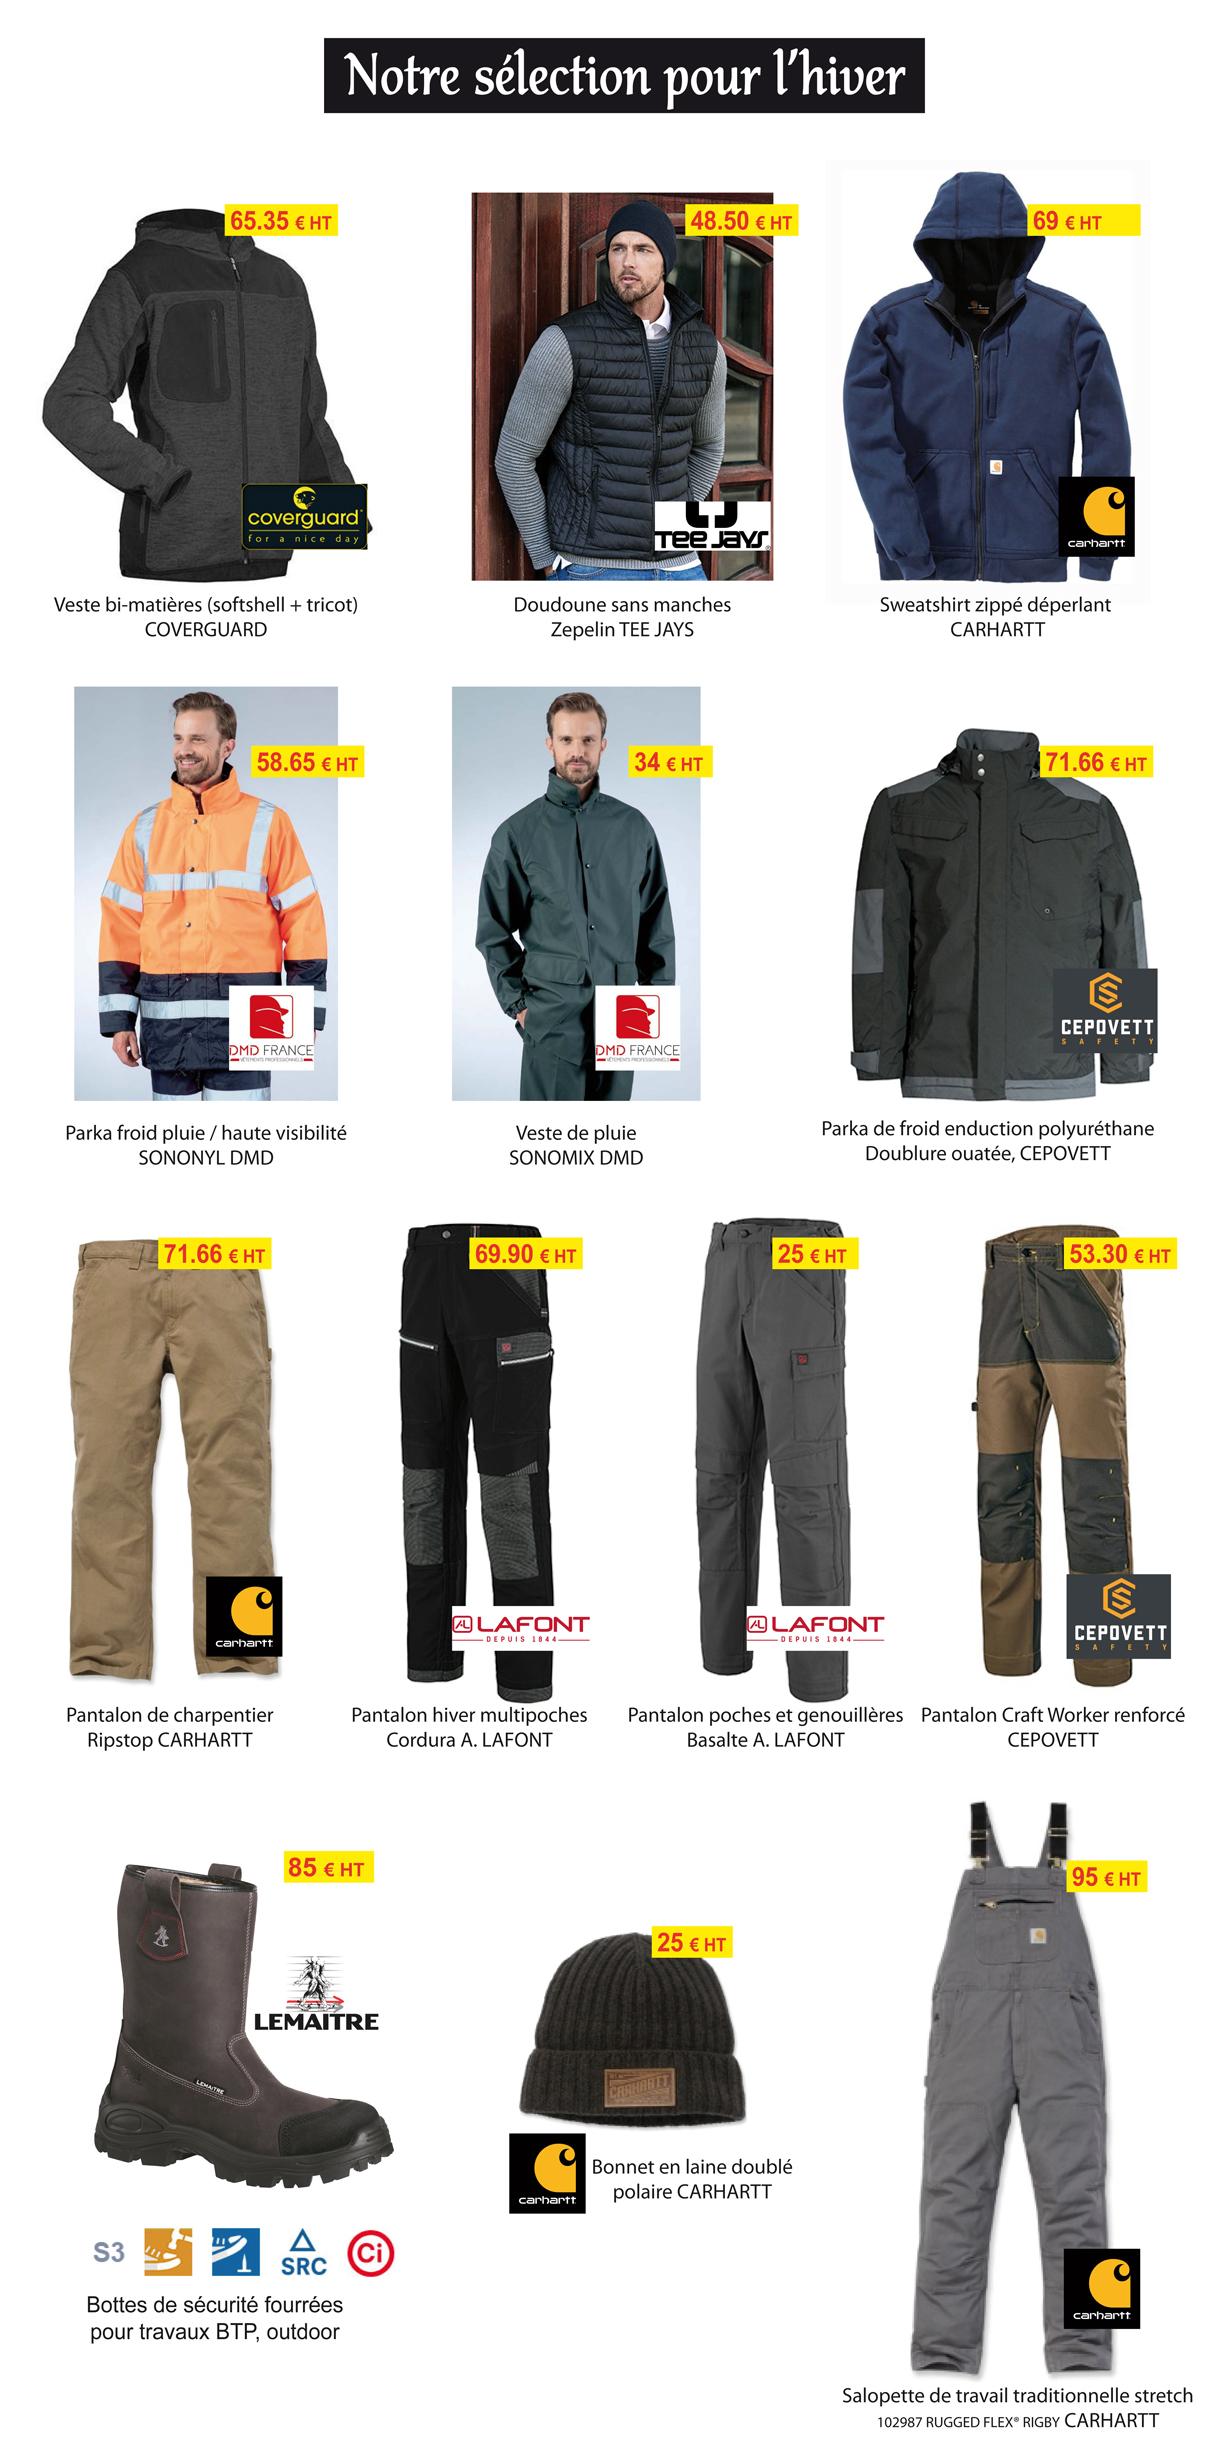 Vêtements de travail pour l'hiver